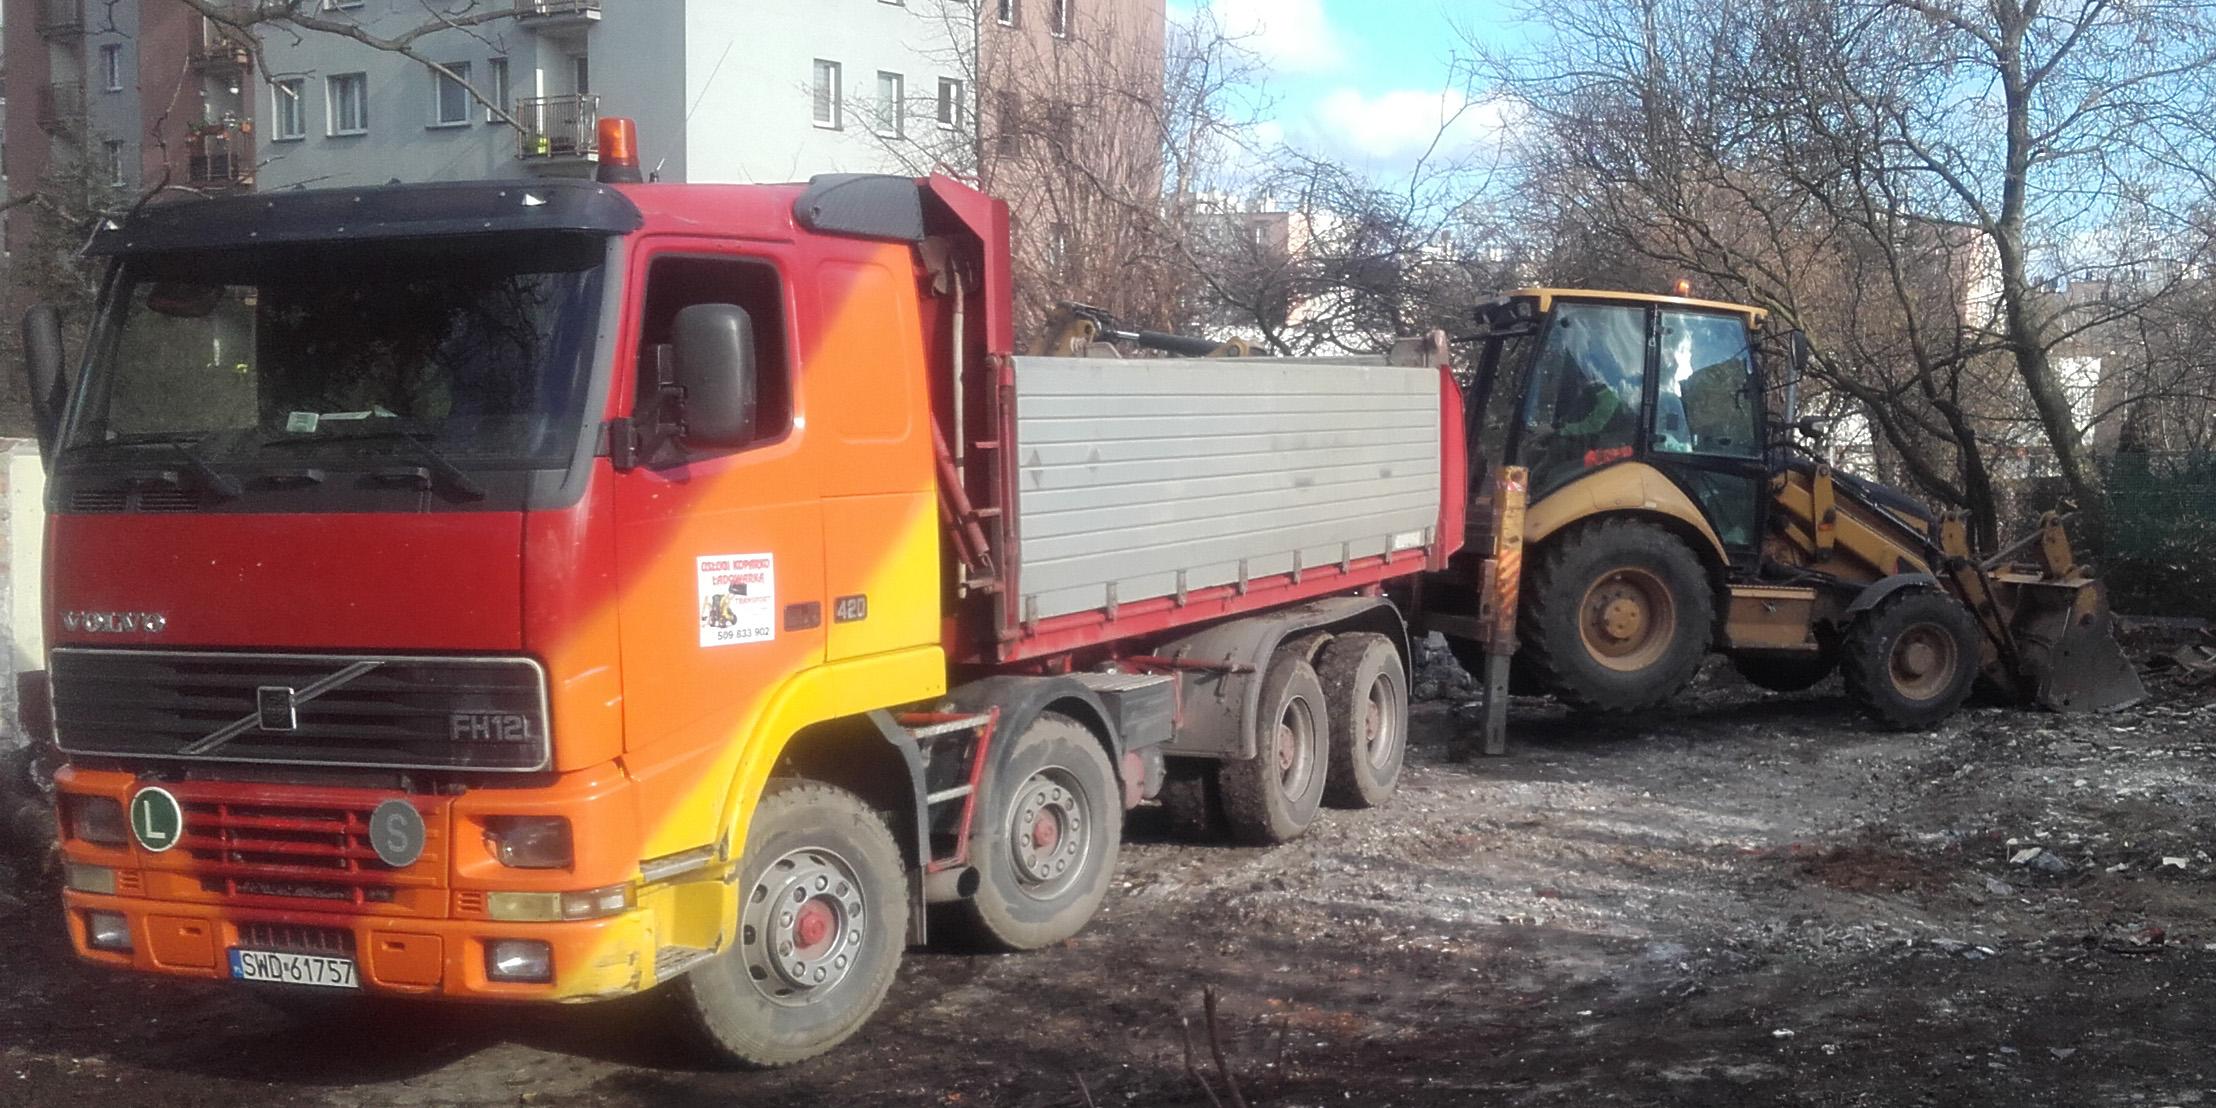 usługi koparko-ładowarką firma a. czabok katowice